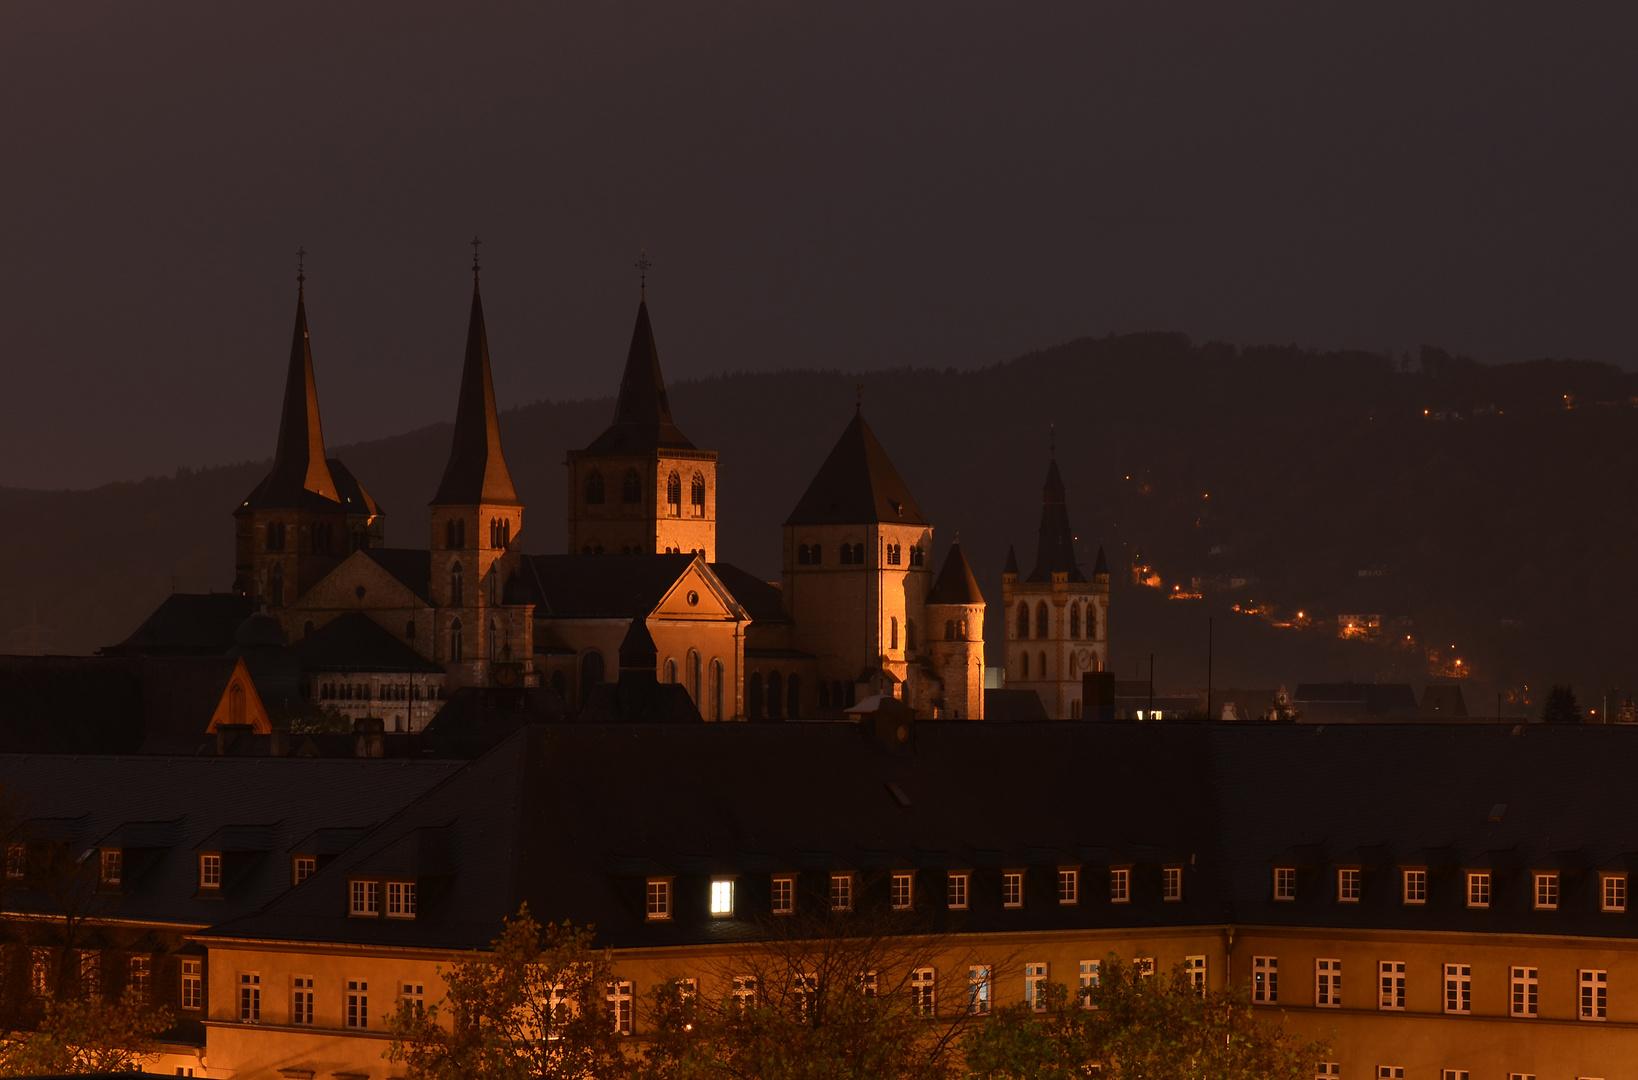 Über den Dächern, des Nachts um Drei....